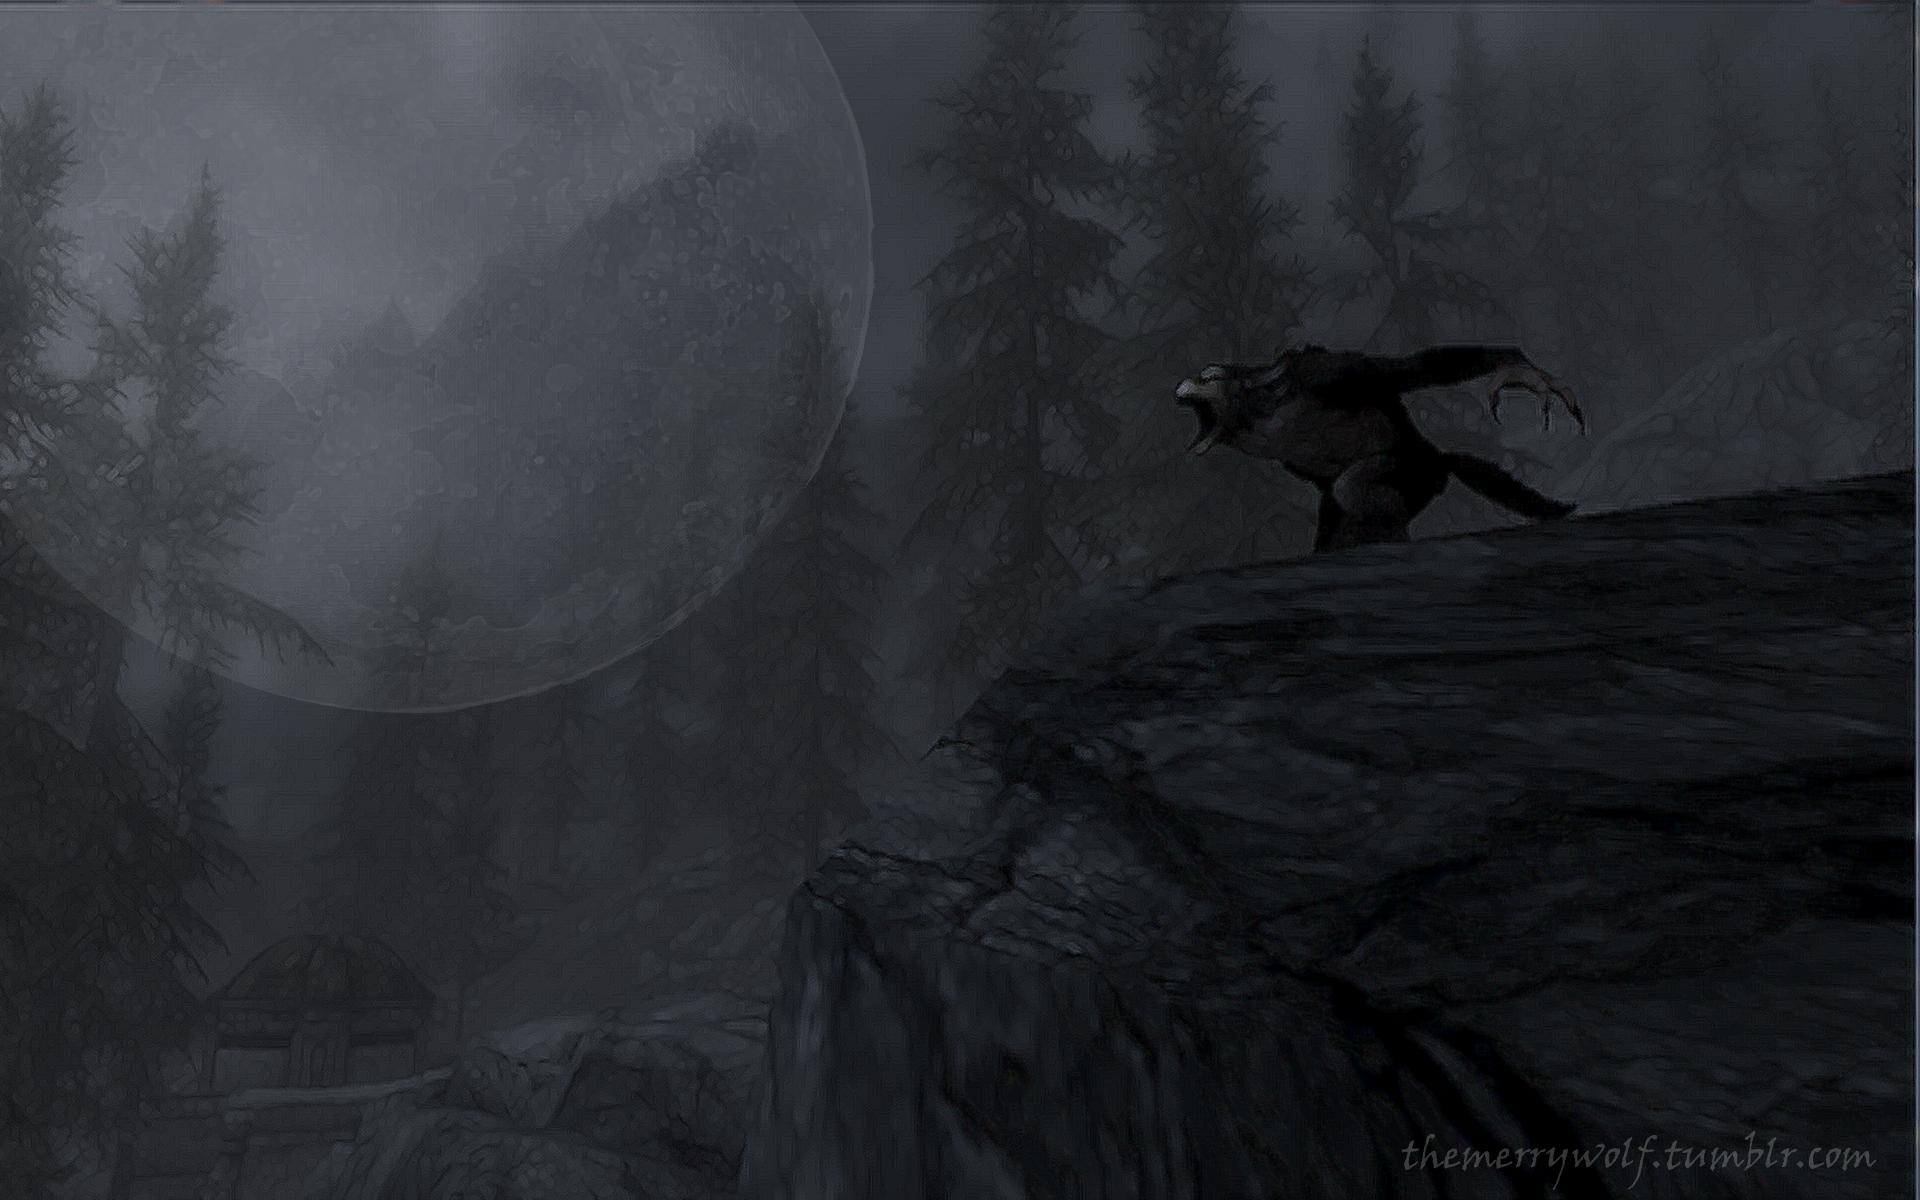 Skyrim werewolf wallpaper hd - photo#2